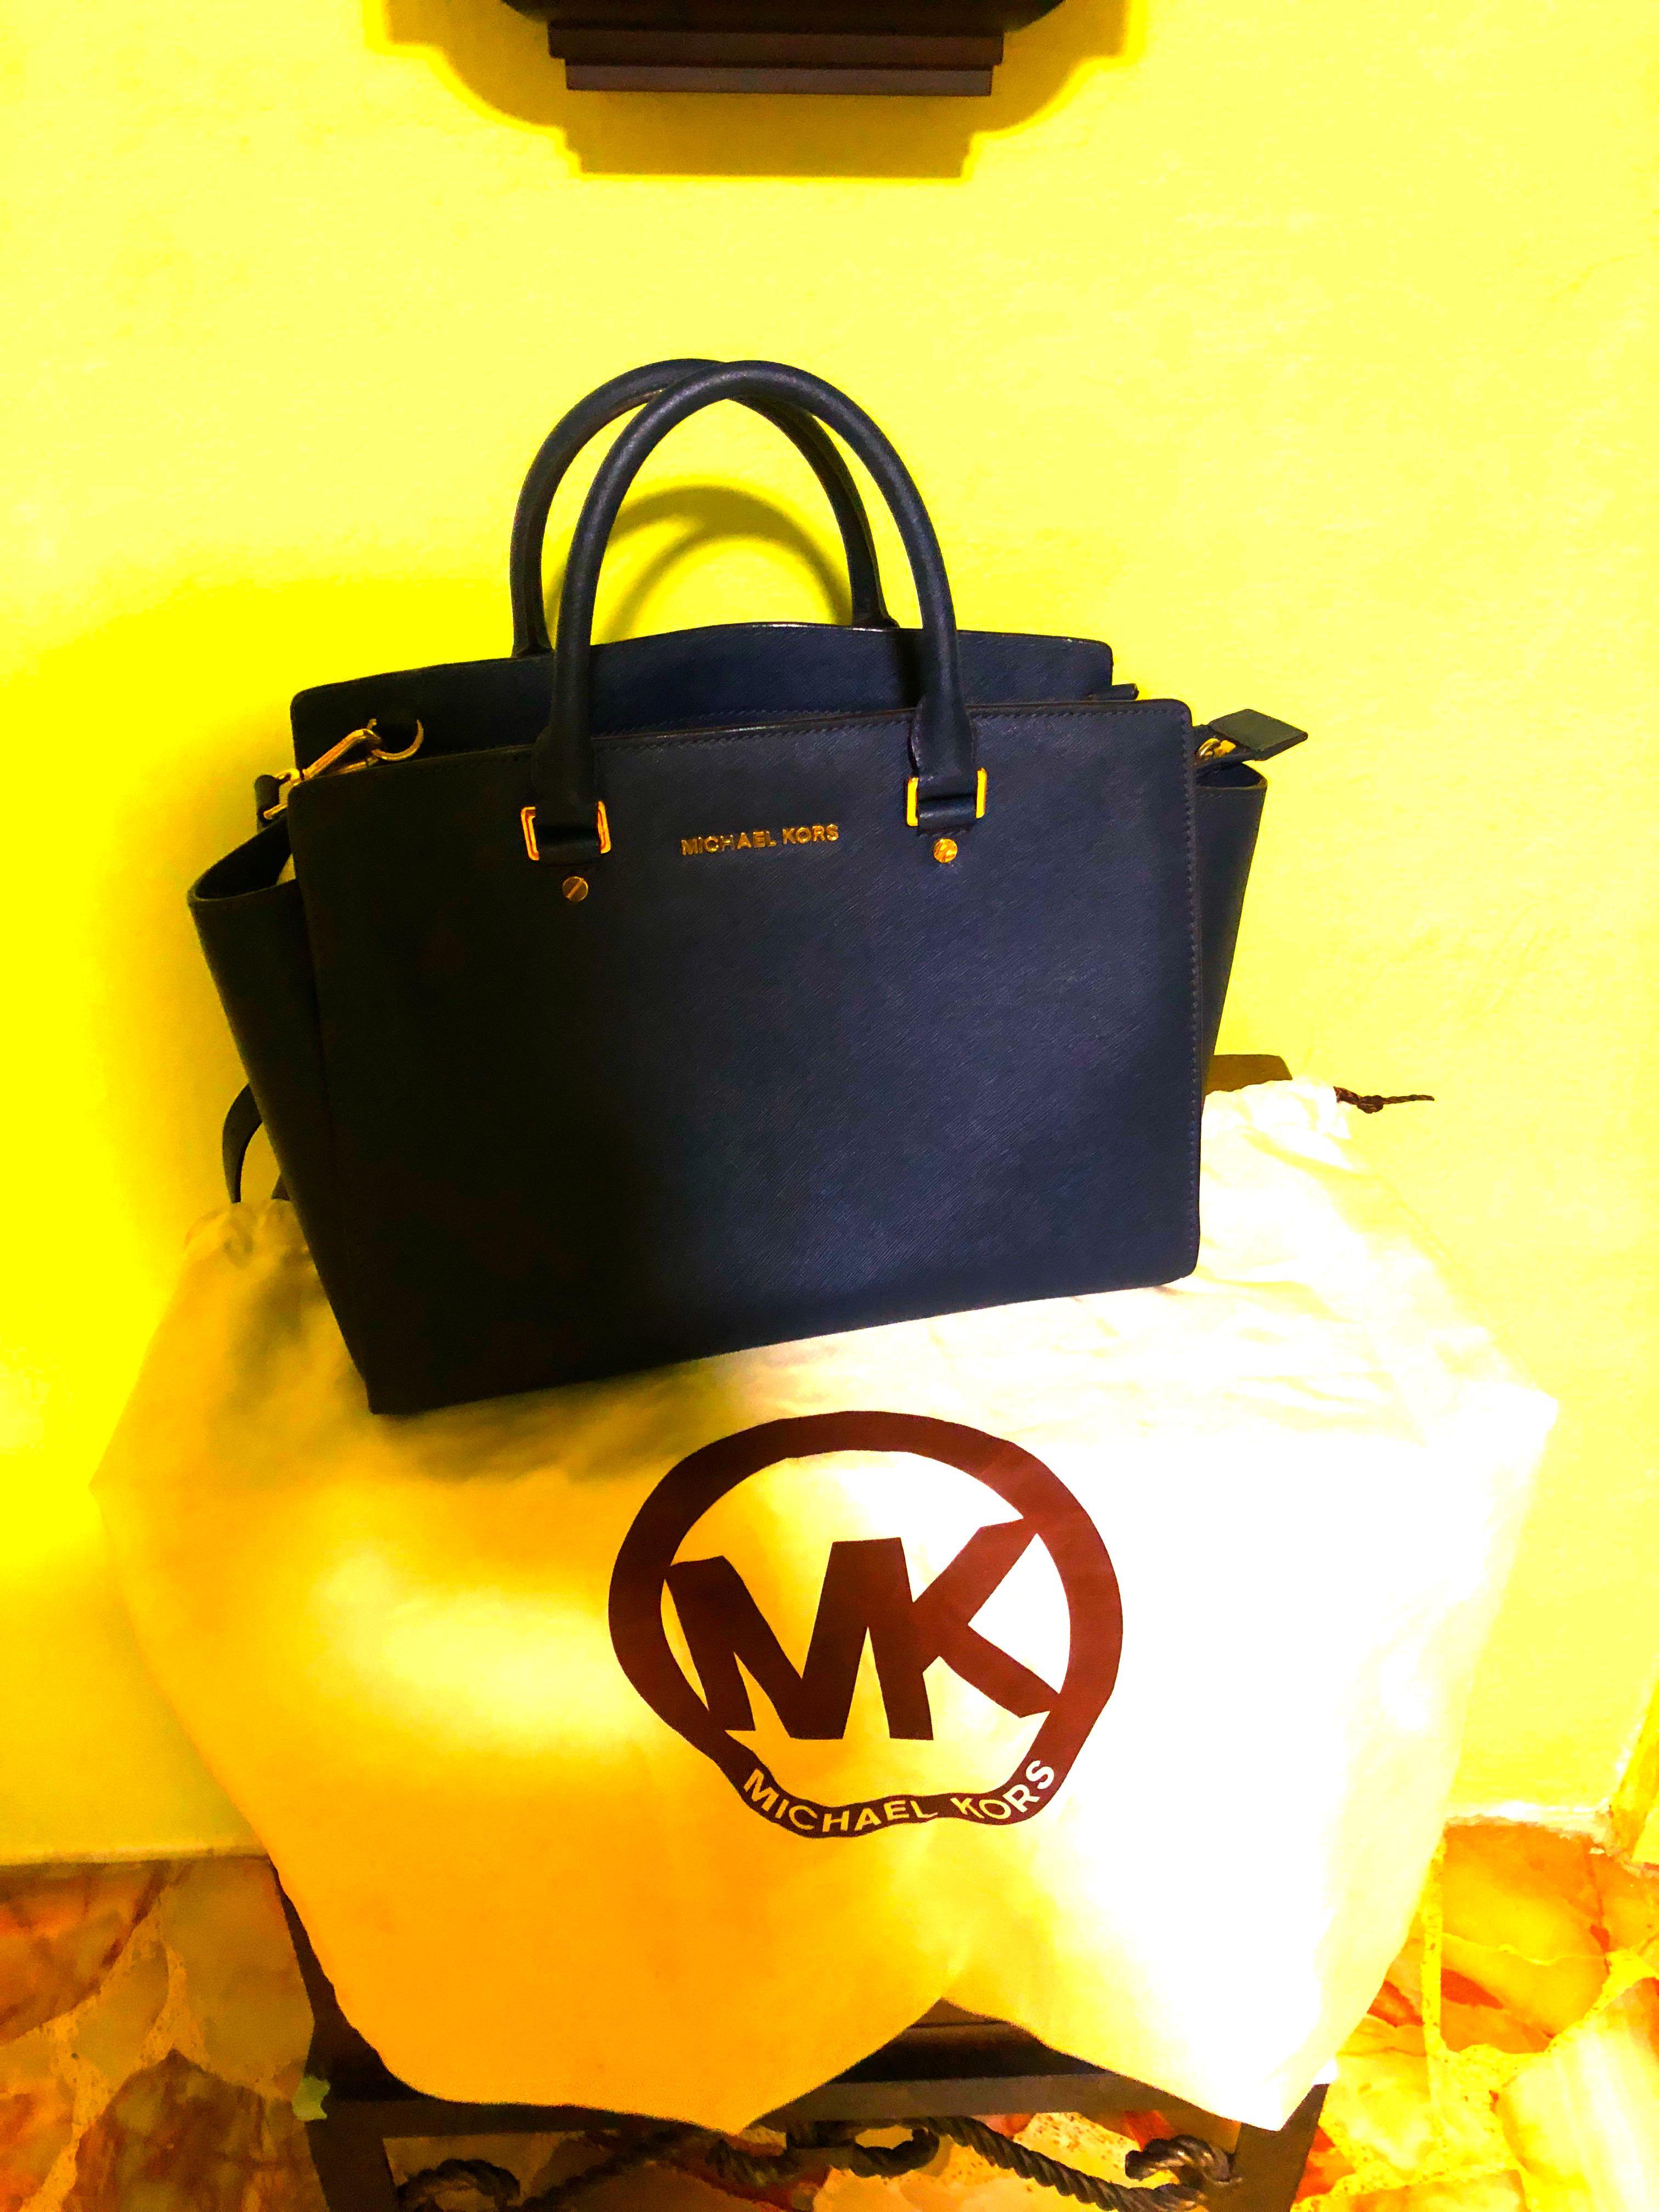 ae984ba39af3 Authentic Michael Kors (Selma)Bag, Luxury, Bags & Wallets, Handbags ...